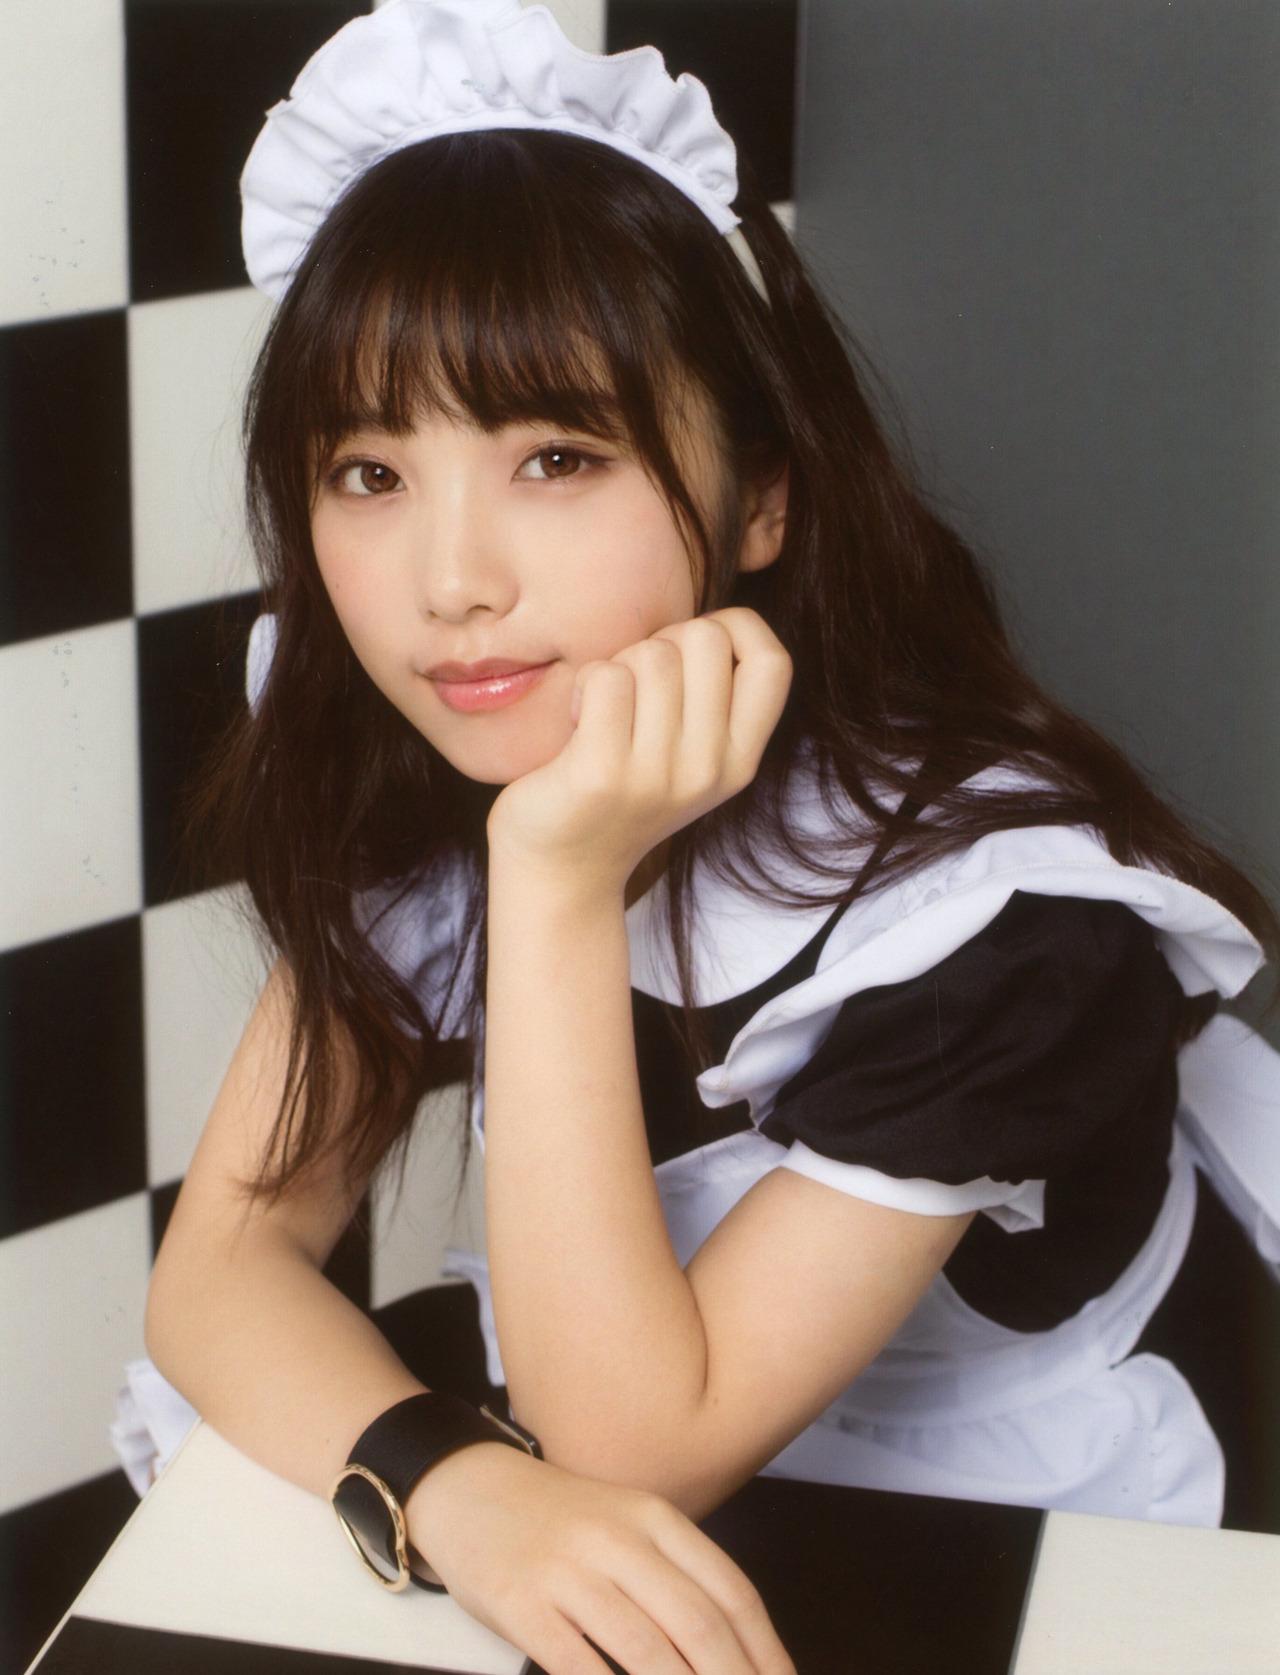 00年生日本小姐姐「与田祐希」女仆装 美呆了 第2张